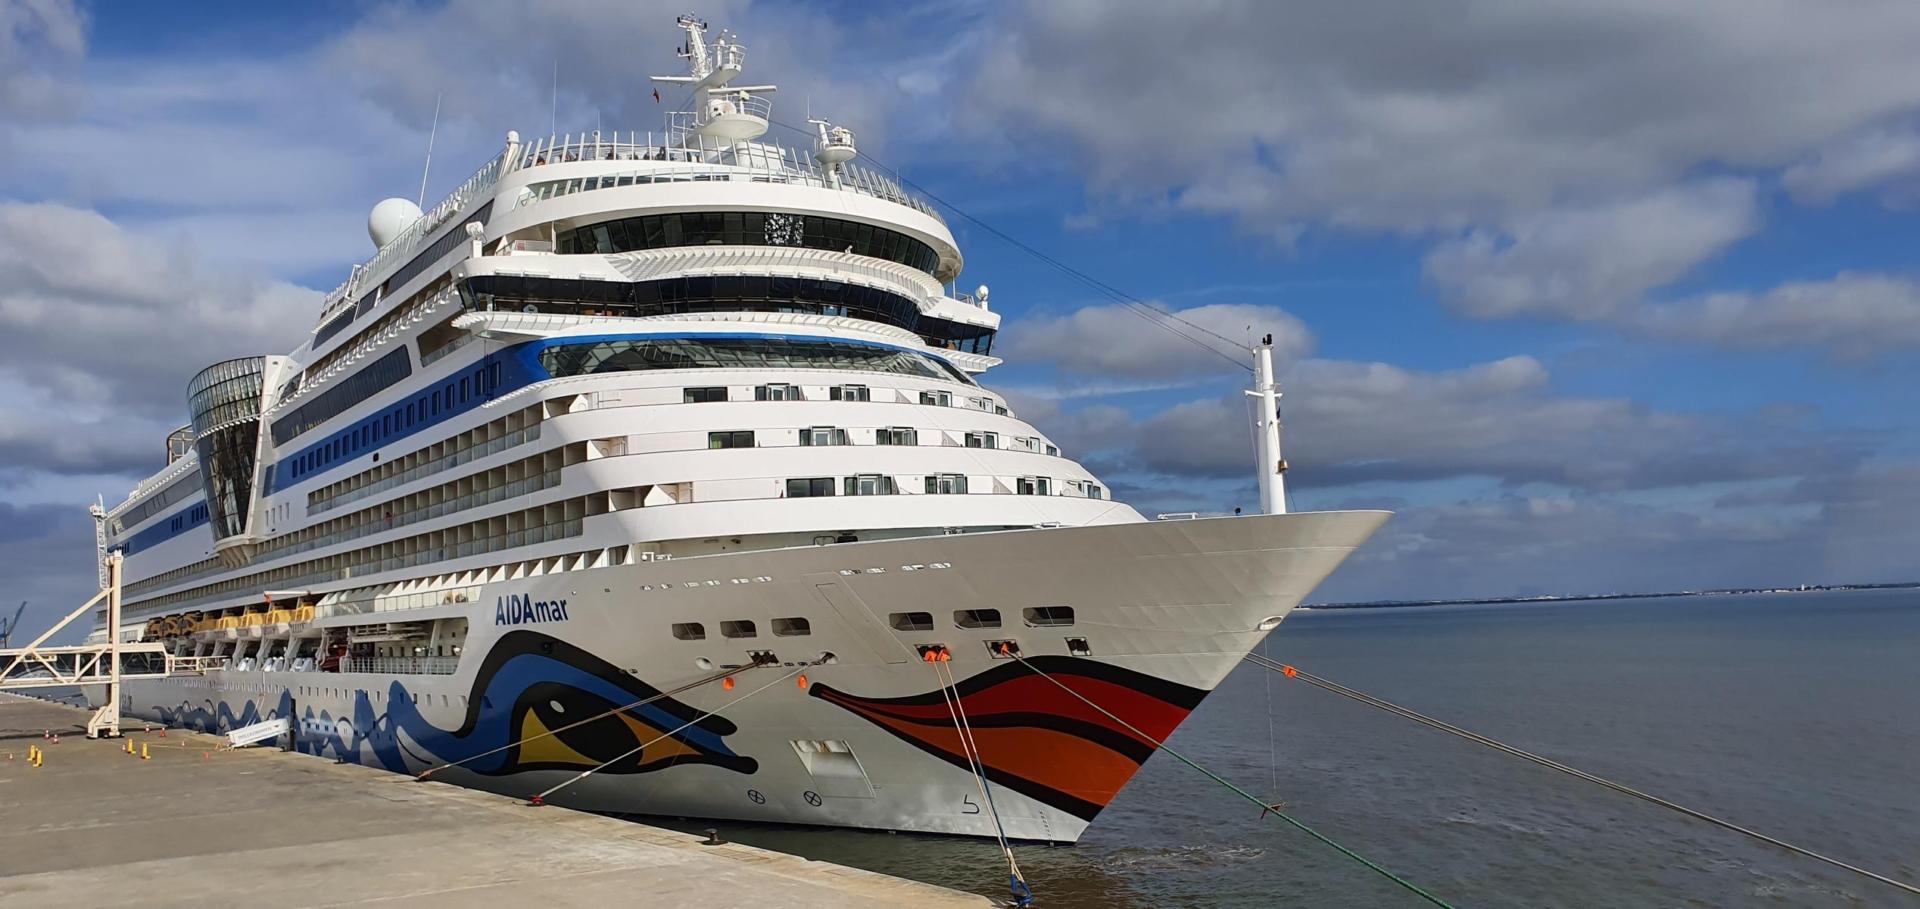 00 kreuzfahrtschiff aidamar hafen lissabon portugal aida familien kreuzfahrt